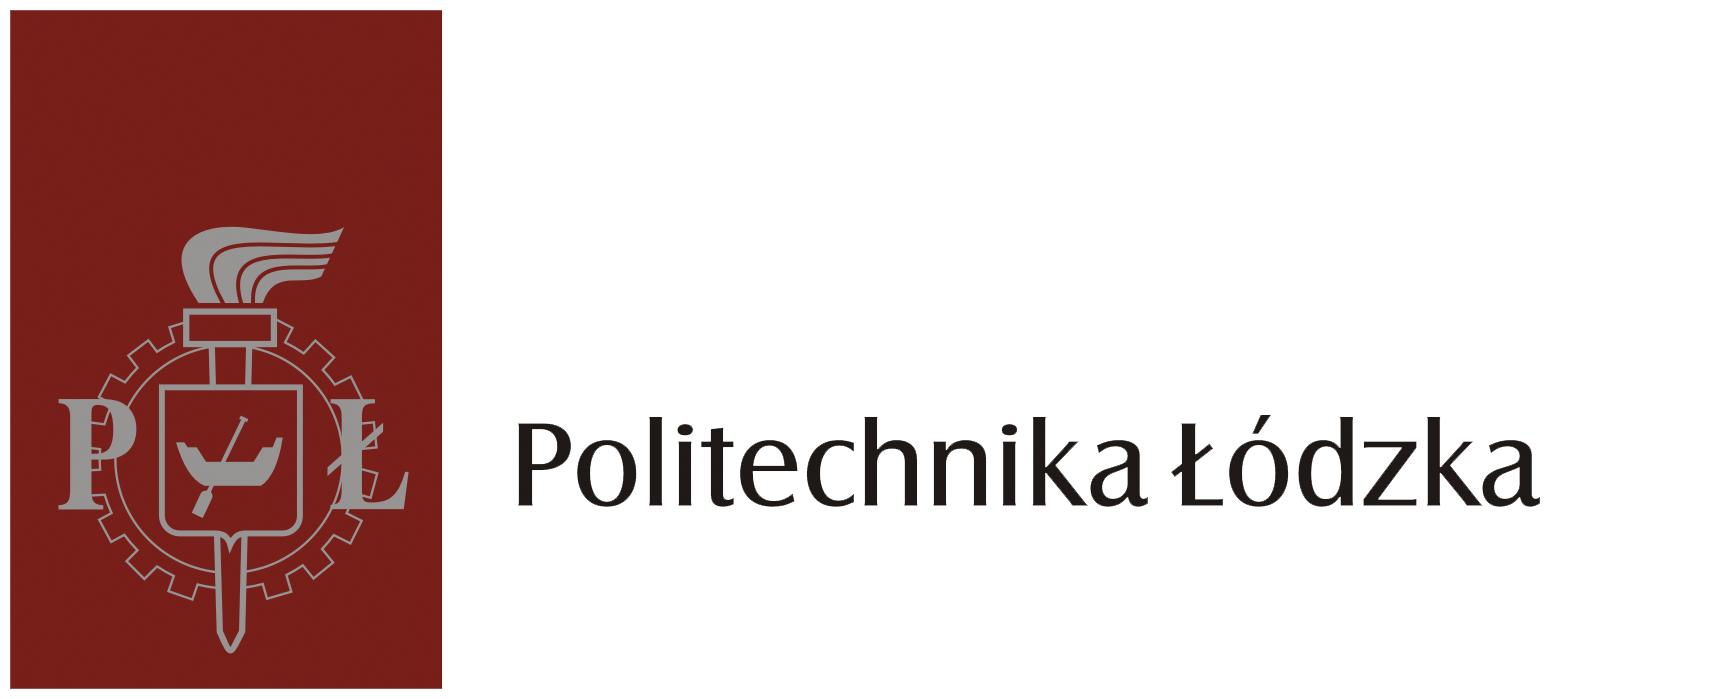 Podziękowanie od Politechniki Łódzkiej